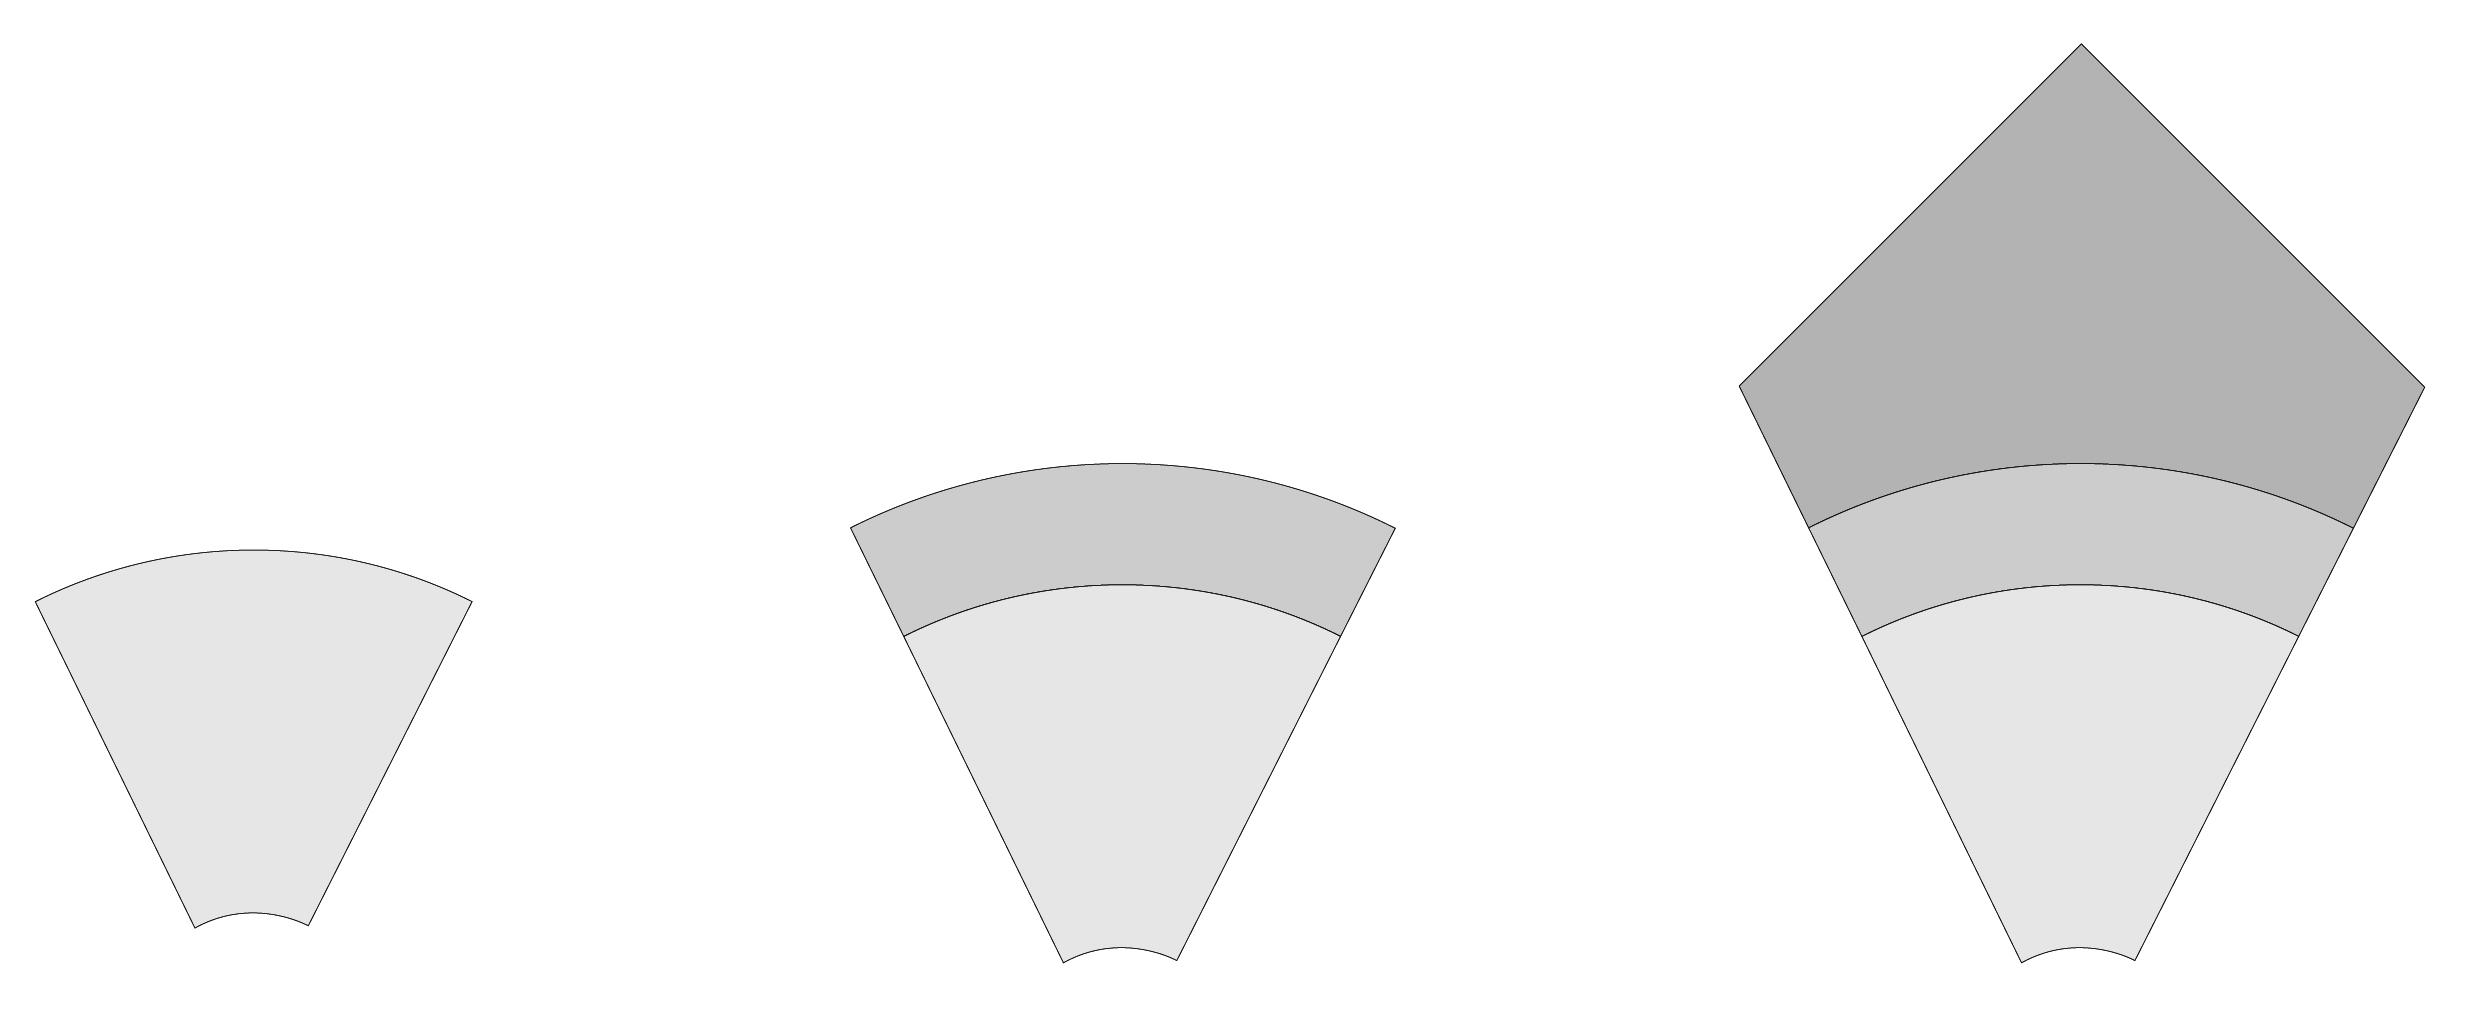 diagrams-07